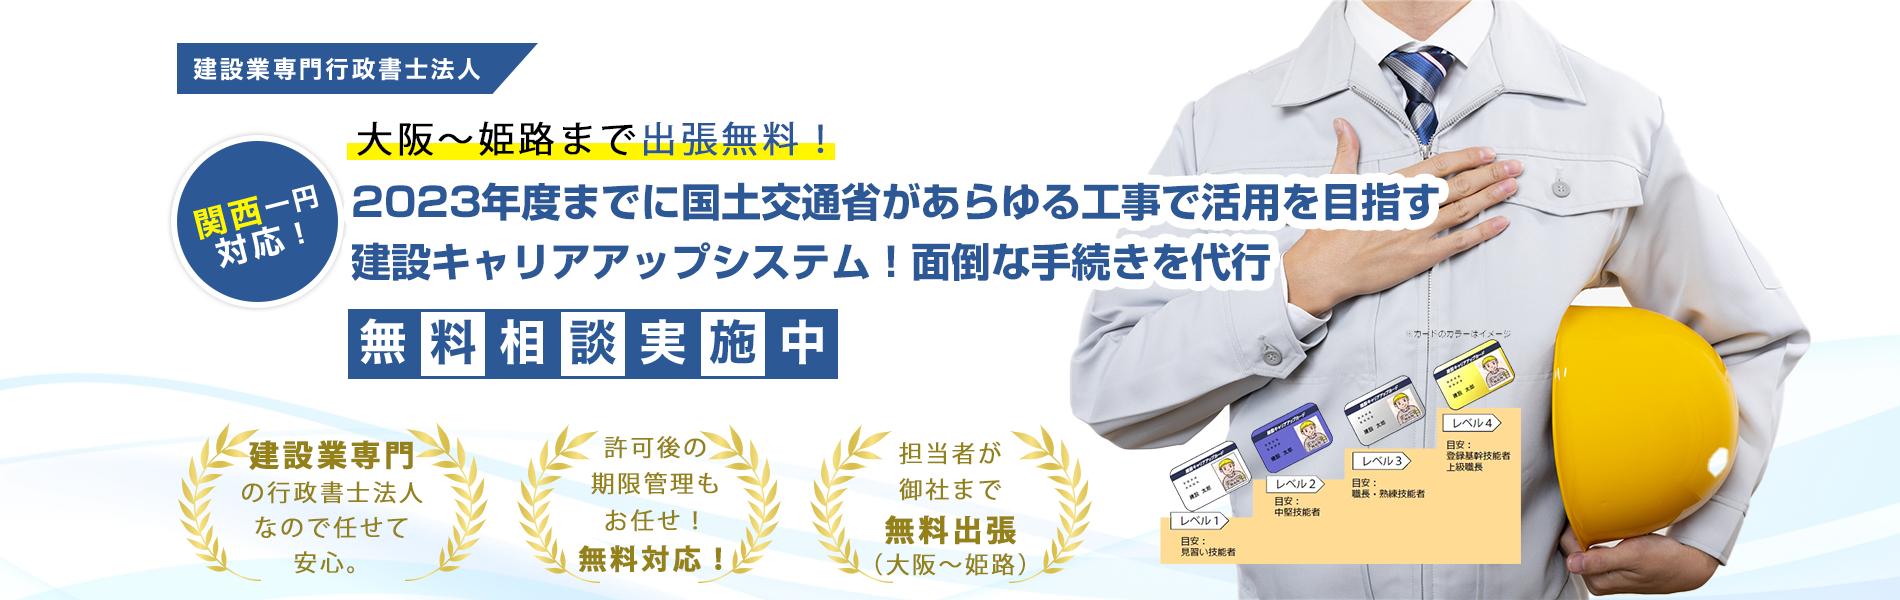 システム アップ ログイン キャリア 建設 【最新情報!!】4月1日からキャリアアップカードに新システムが導入されます!